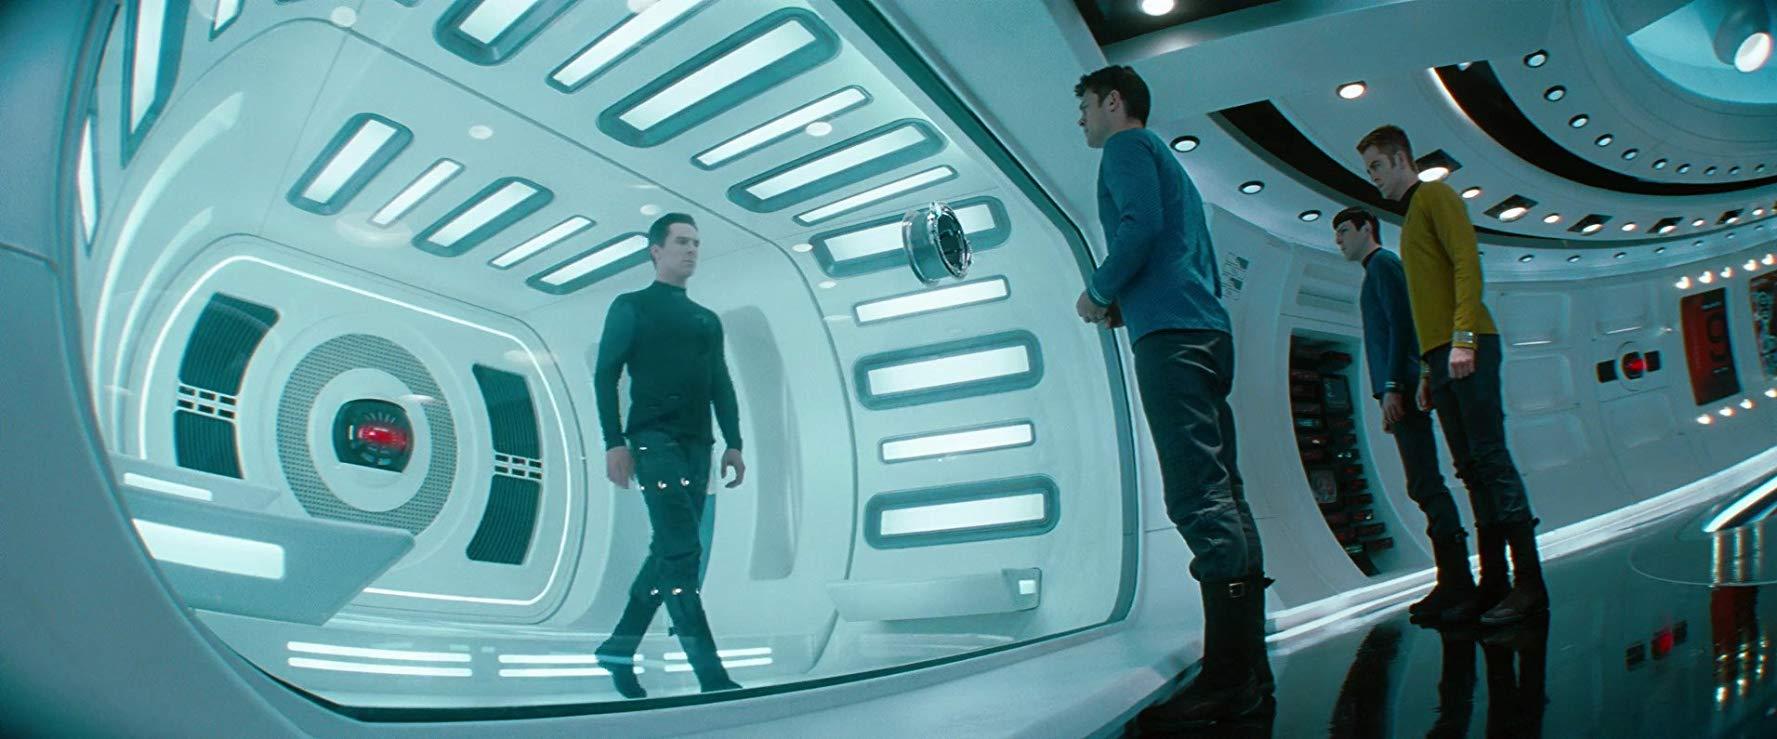 スコットたち船員のキャラクターが魅力的